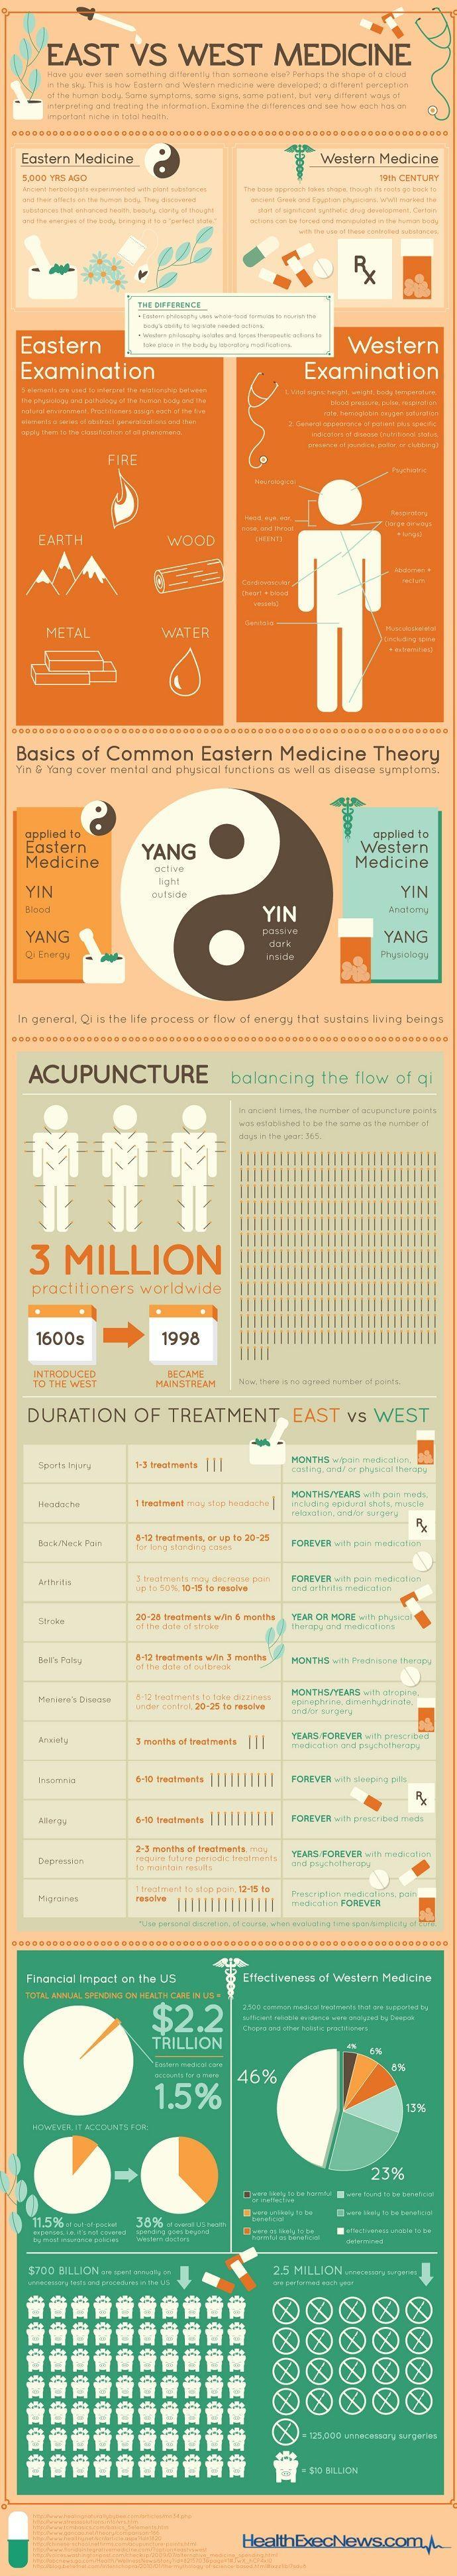 East vs. West Medicine (Infographic) via @Dr. Frank Lipman